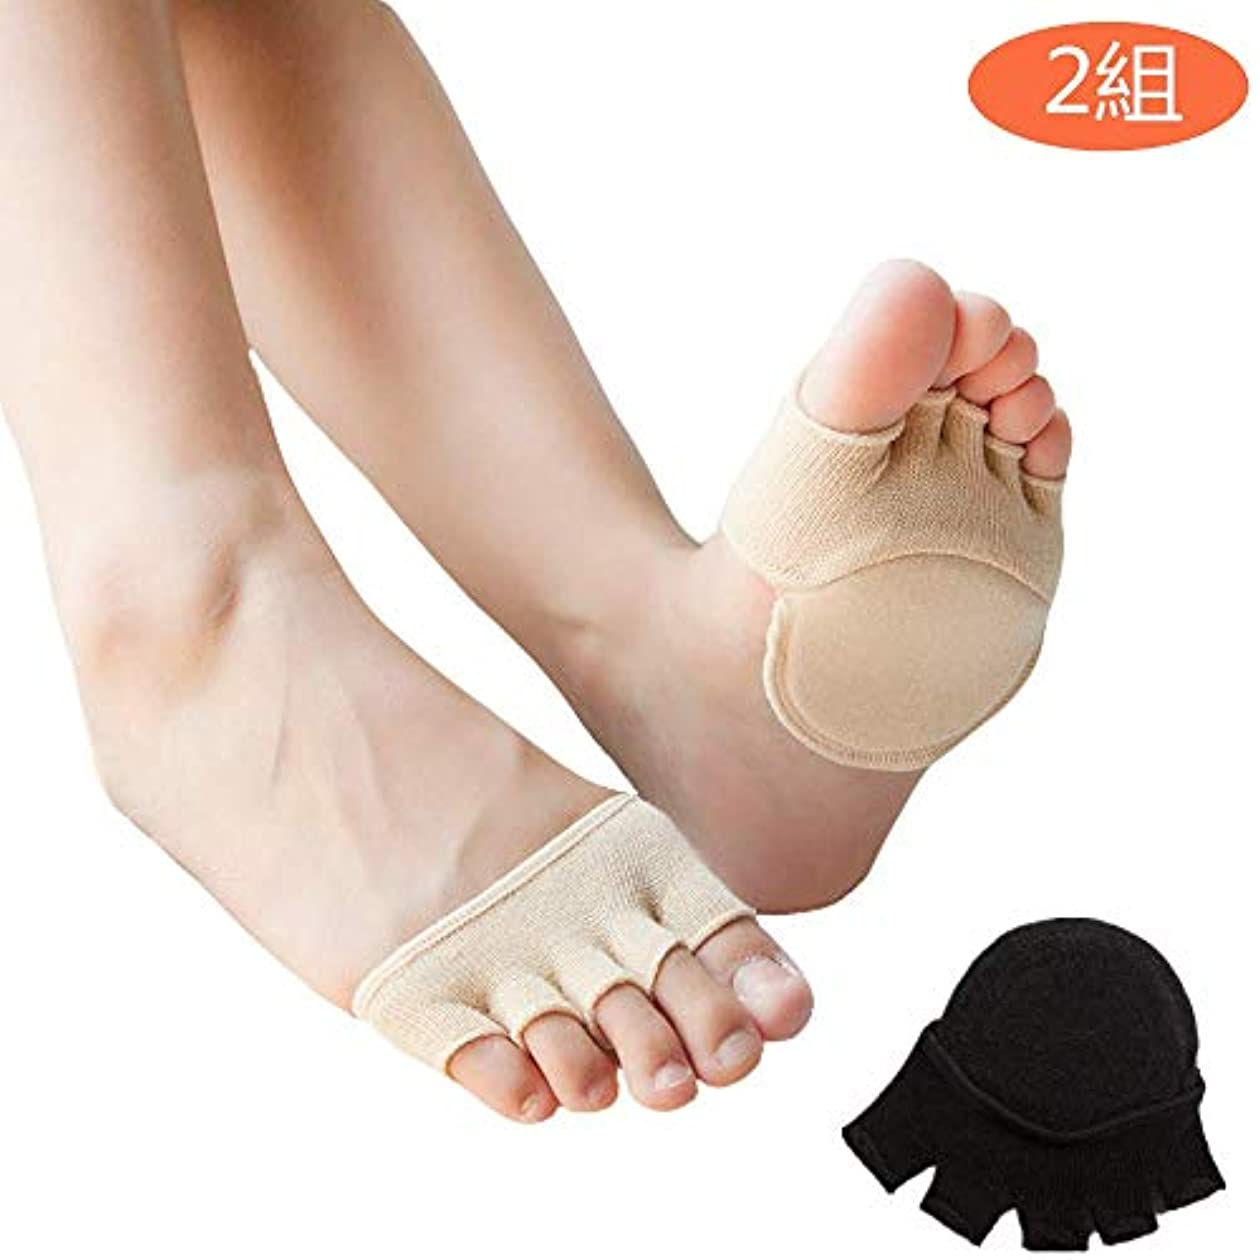 時折クラッチ体操選手つま先 5本指 足底クッション付き 前足サポーター 足の臭い対策 フットカバー ヨガ用靴下 浅い靴下半分つま先 夏 超薄型 (2組)